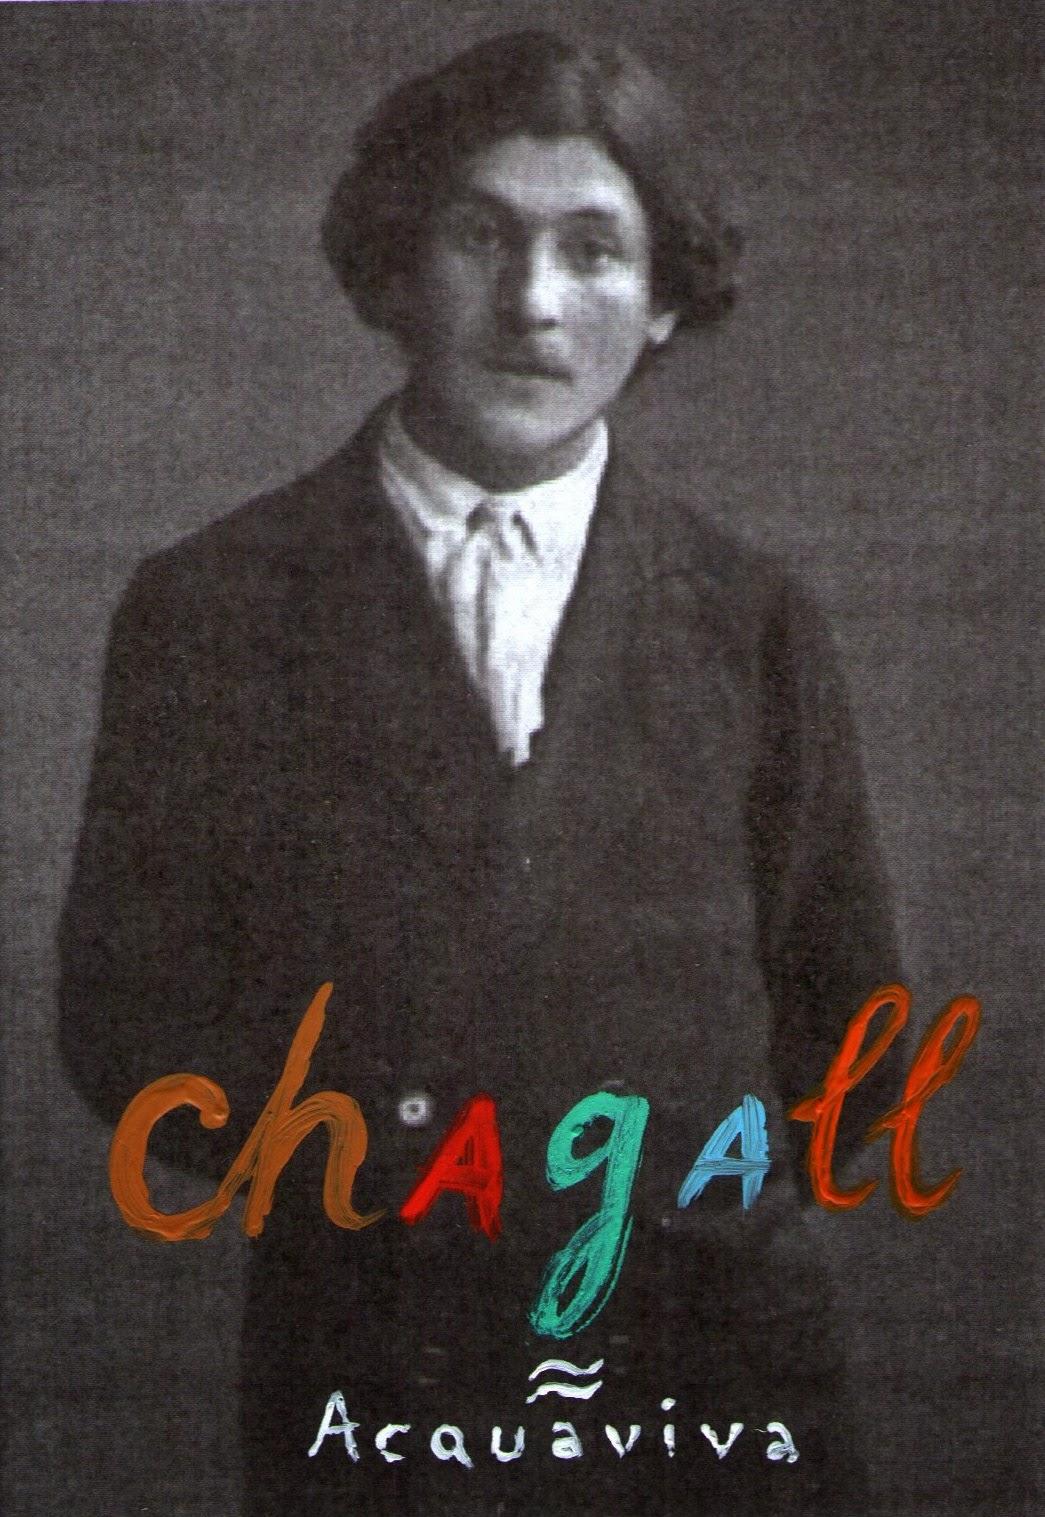 CHAGALL di giuseppe d'ambrosio angelillo